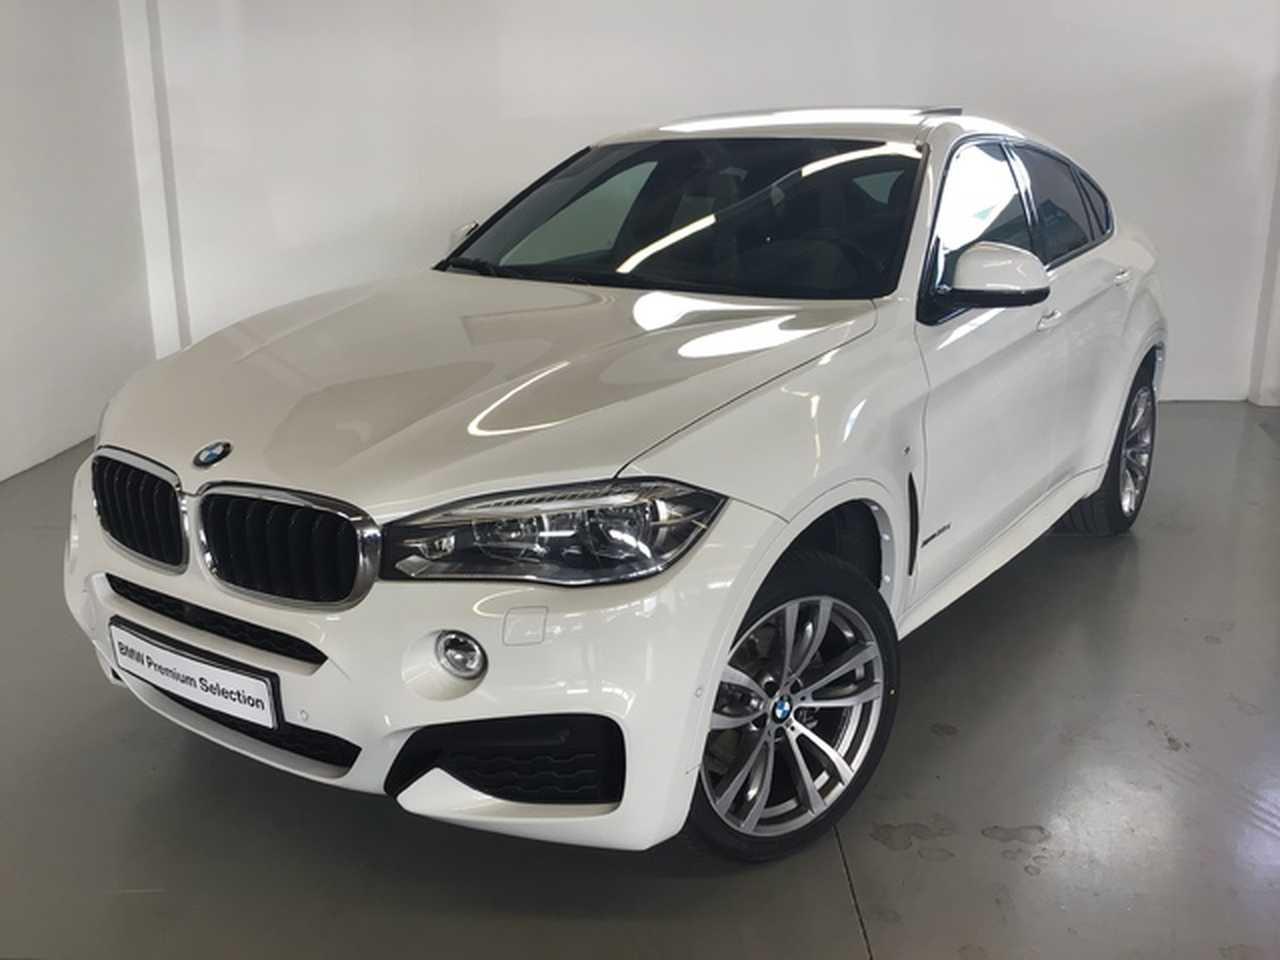 BMW X6 xDrive30d 190 kW (258 CV)  - Foto 1